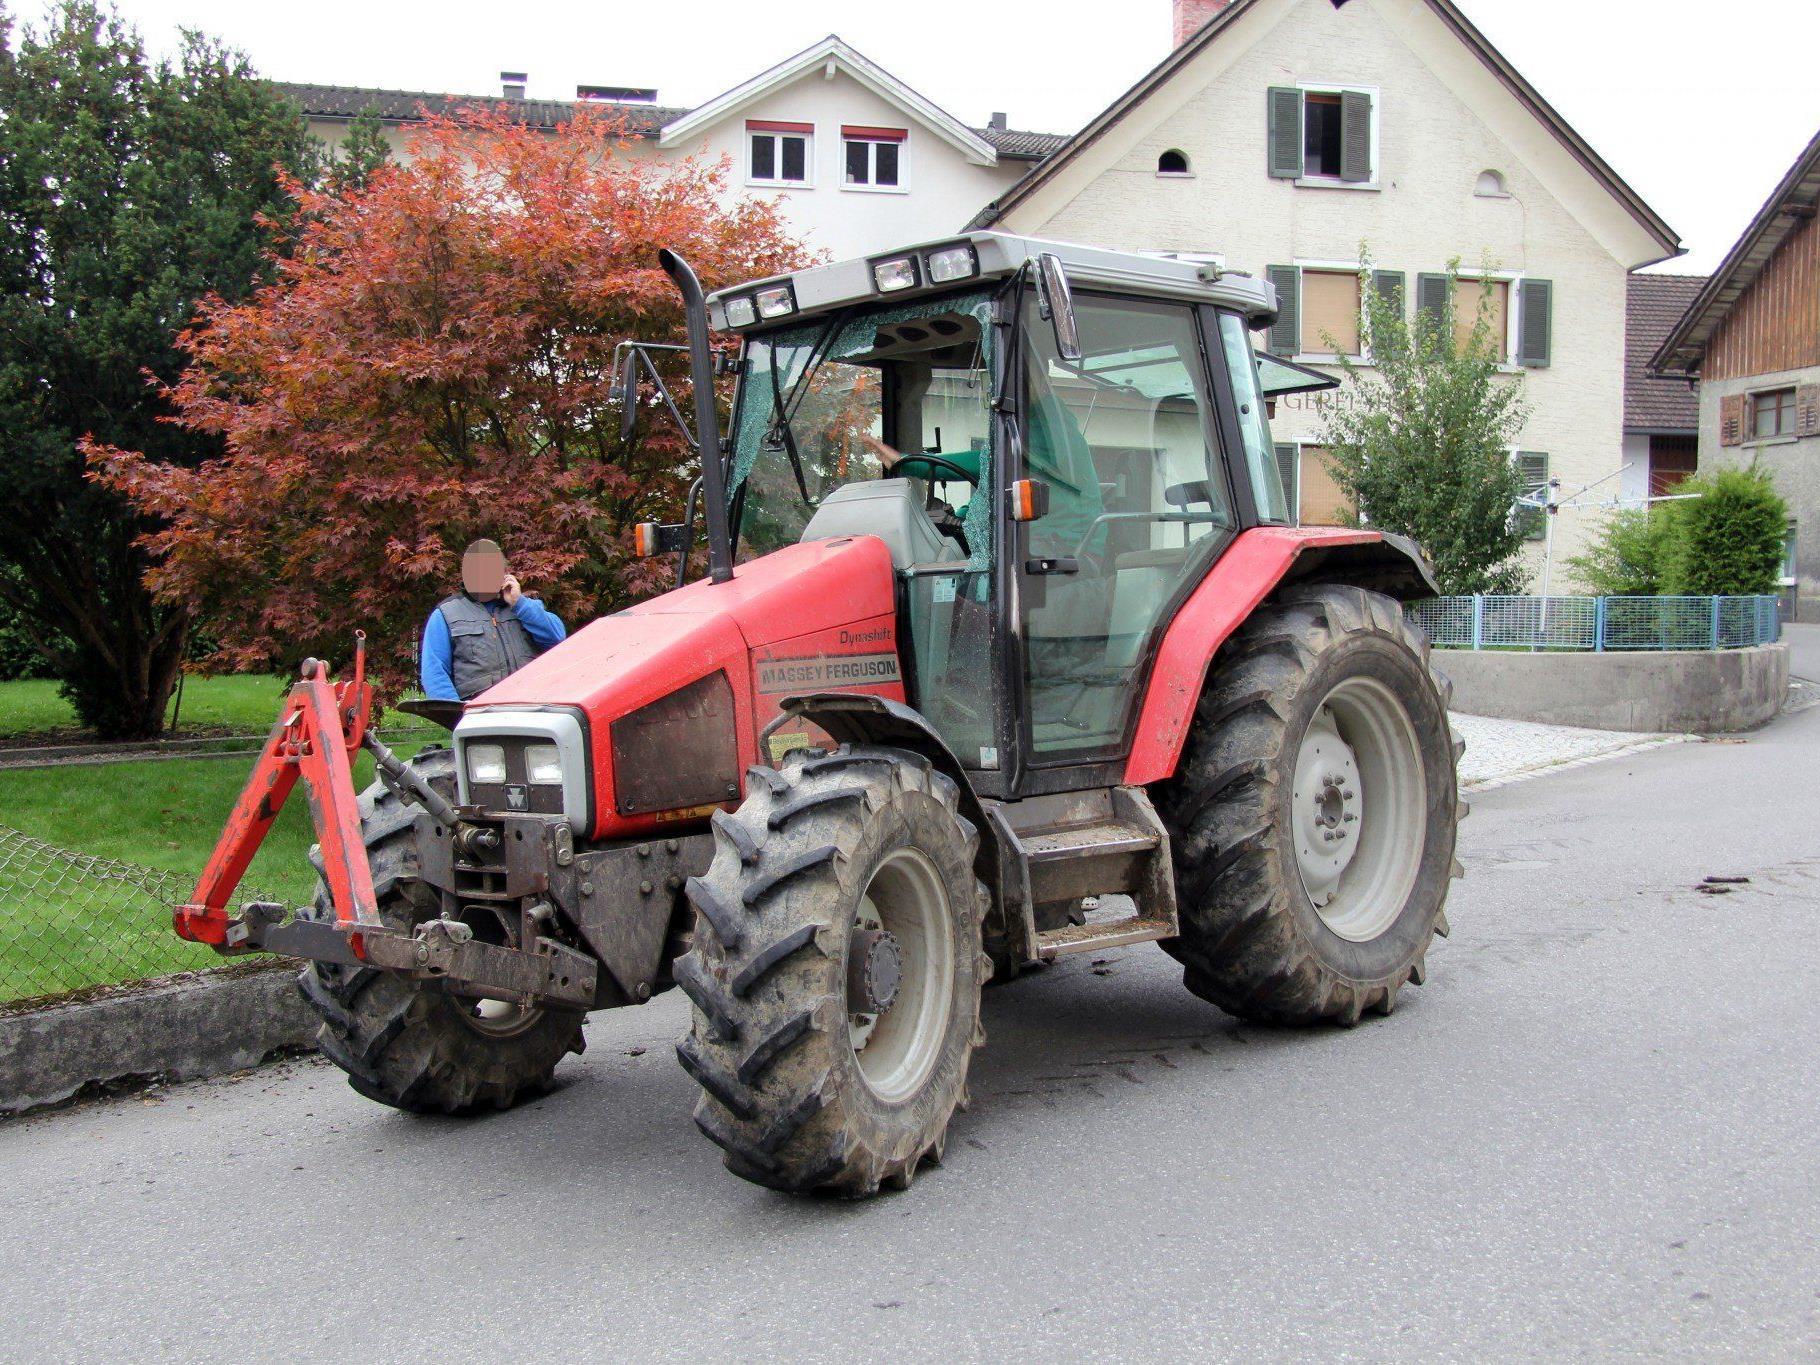 Traktor fuhr in Hausgarten.